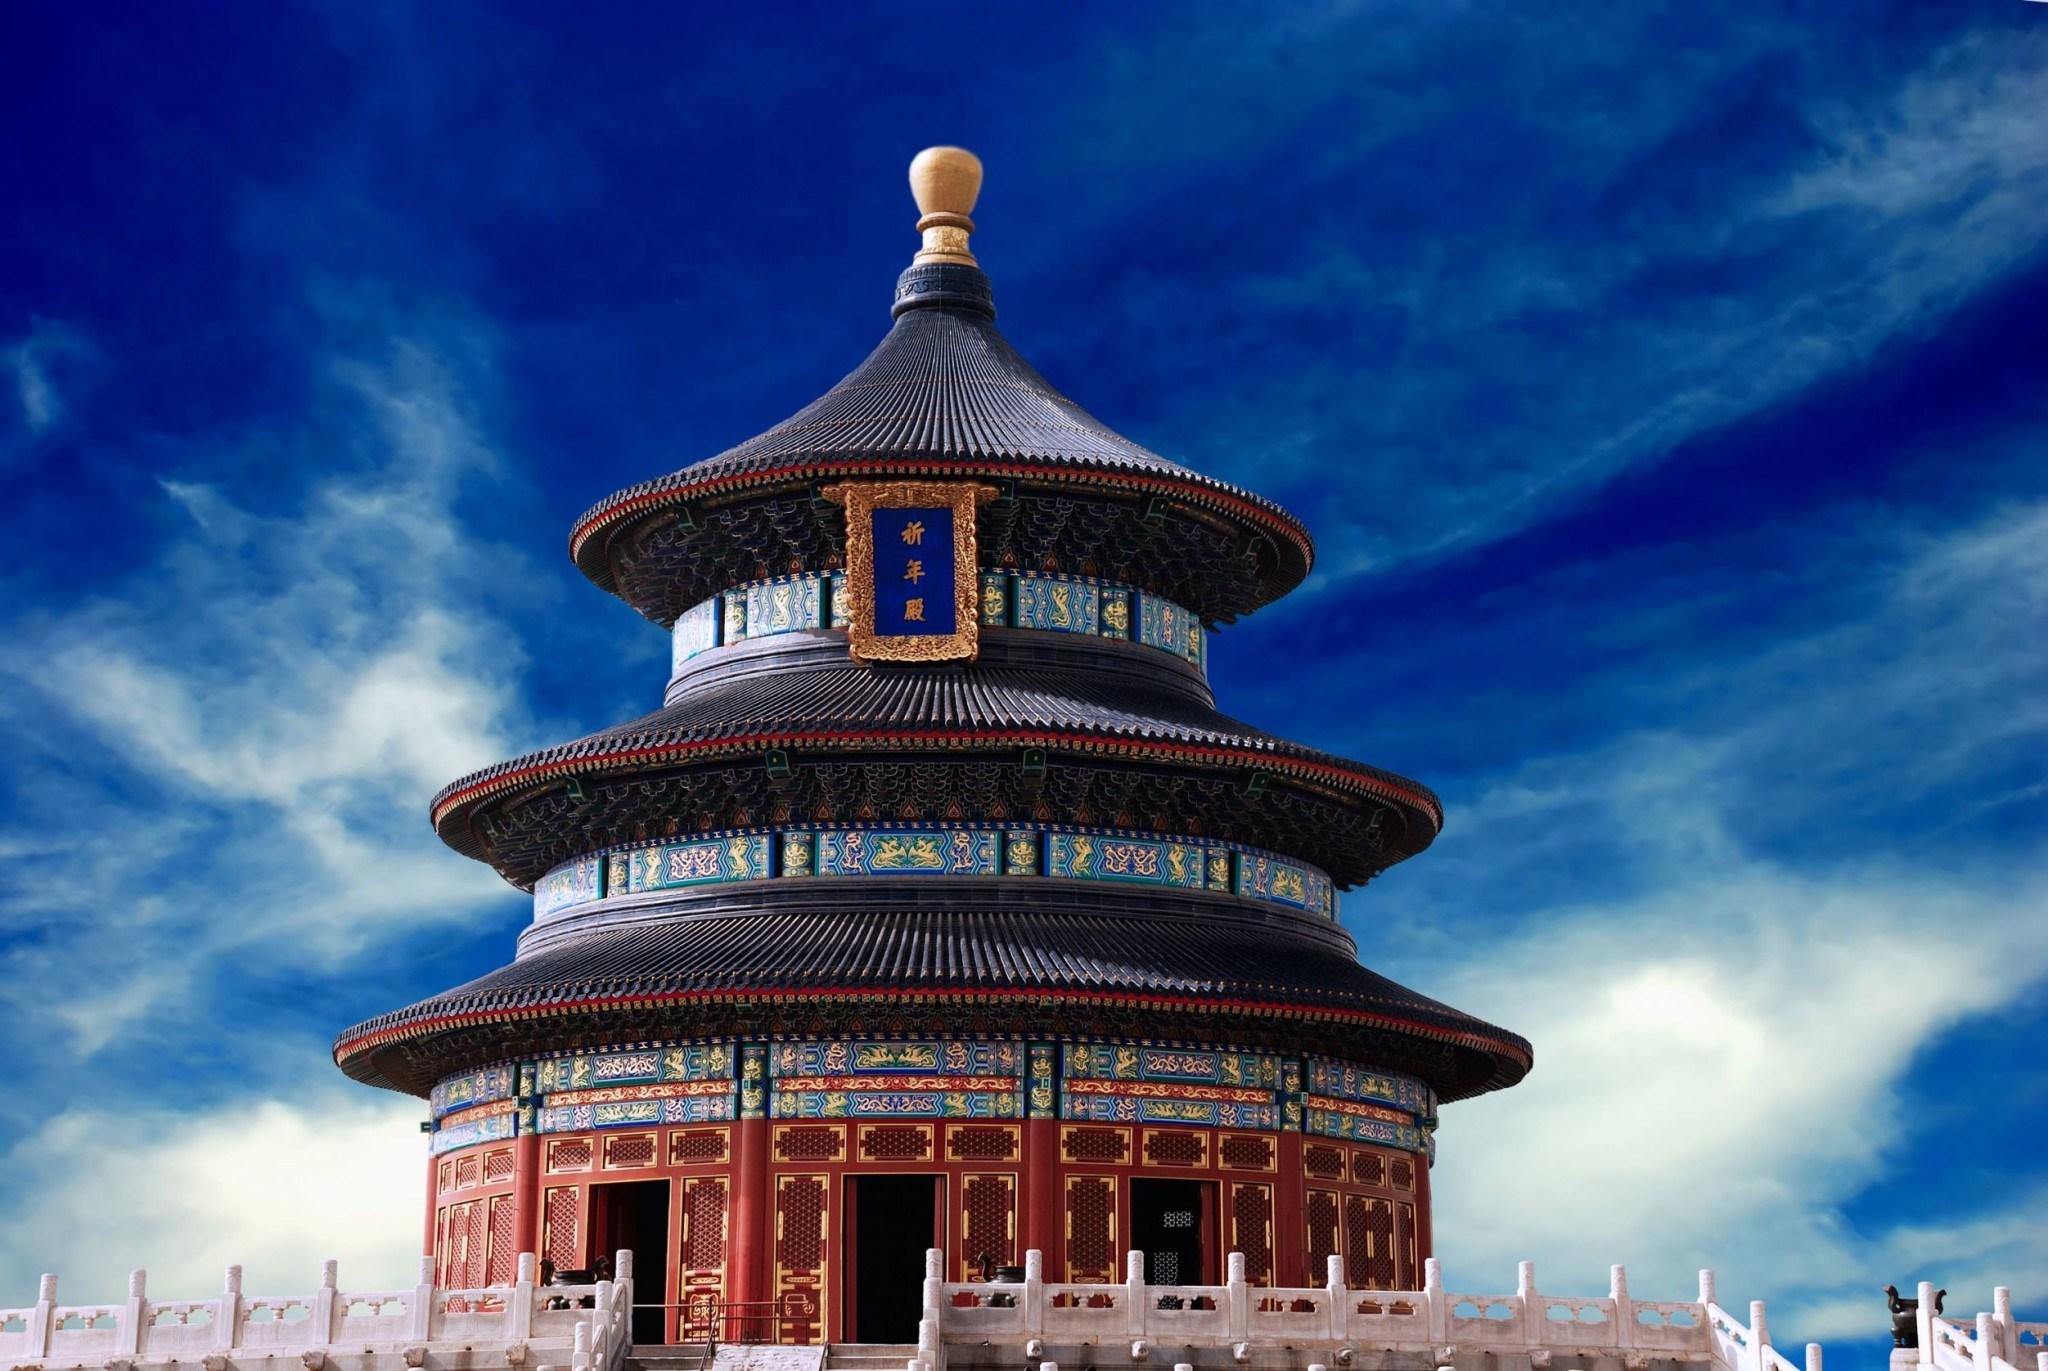 معبد بهشت در پکن چین